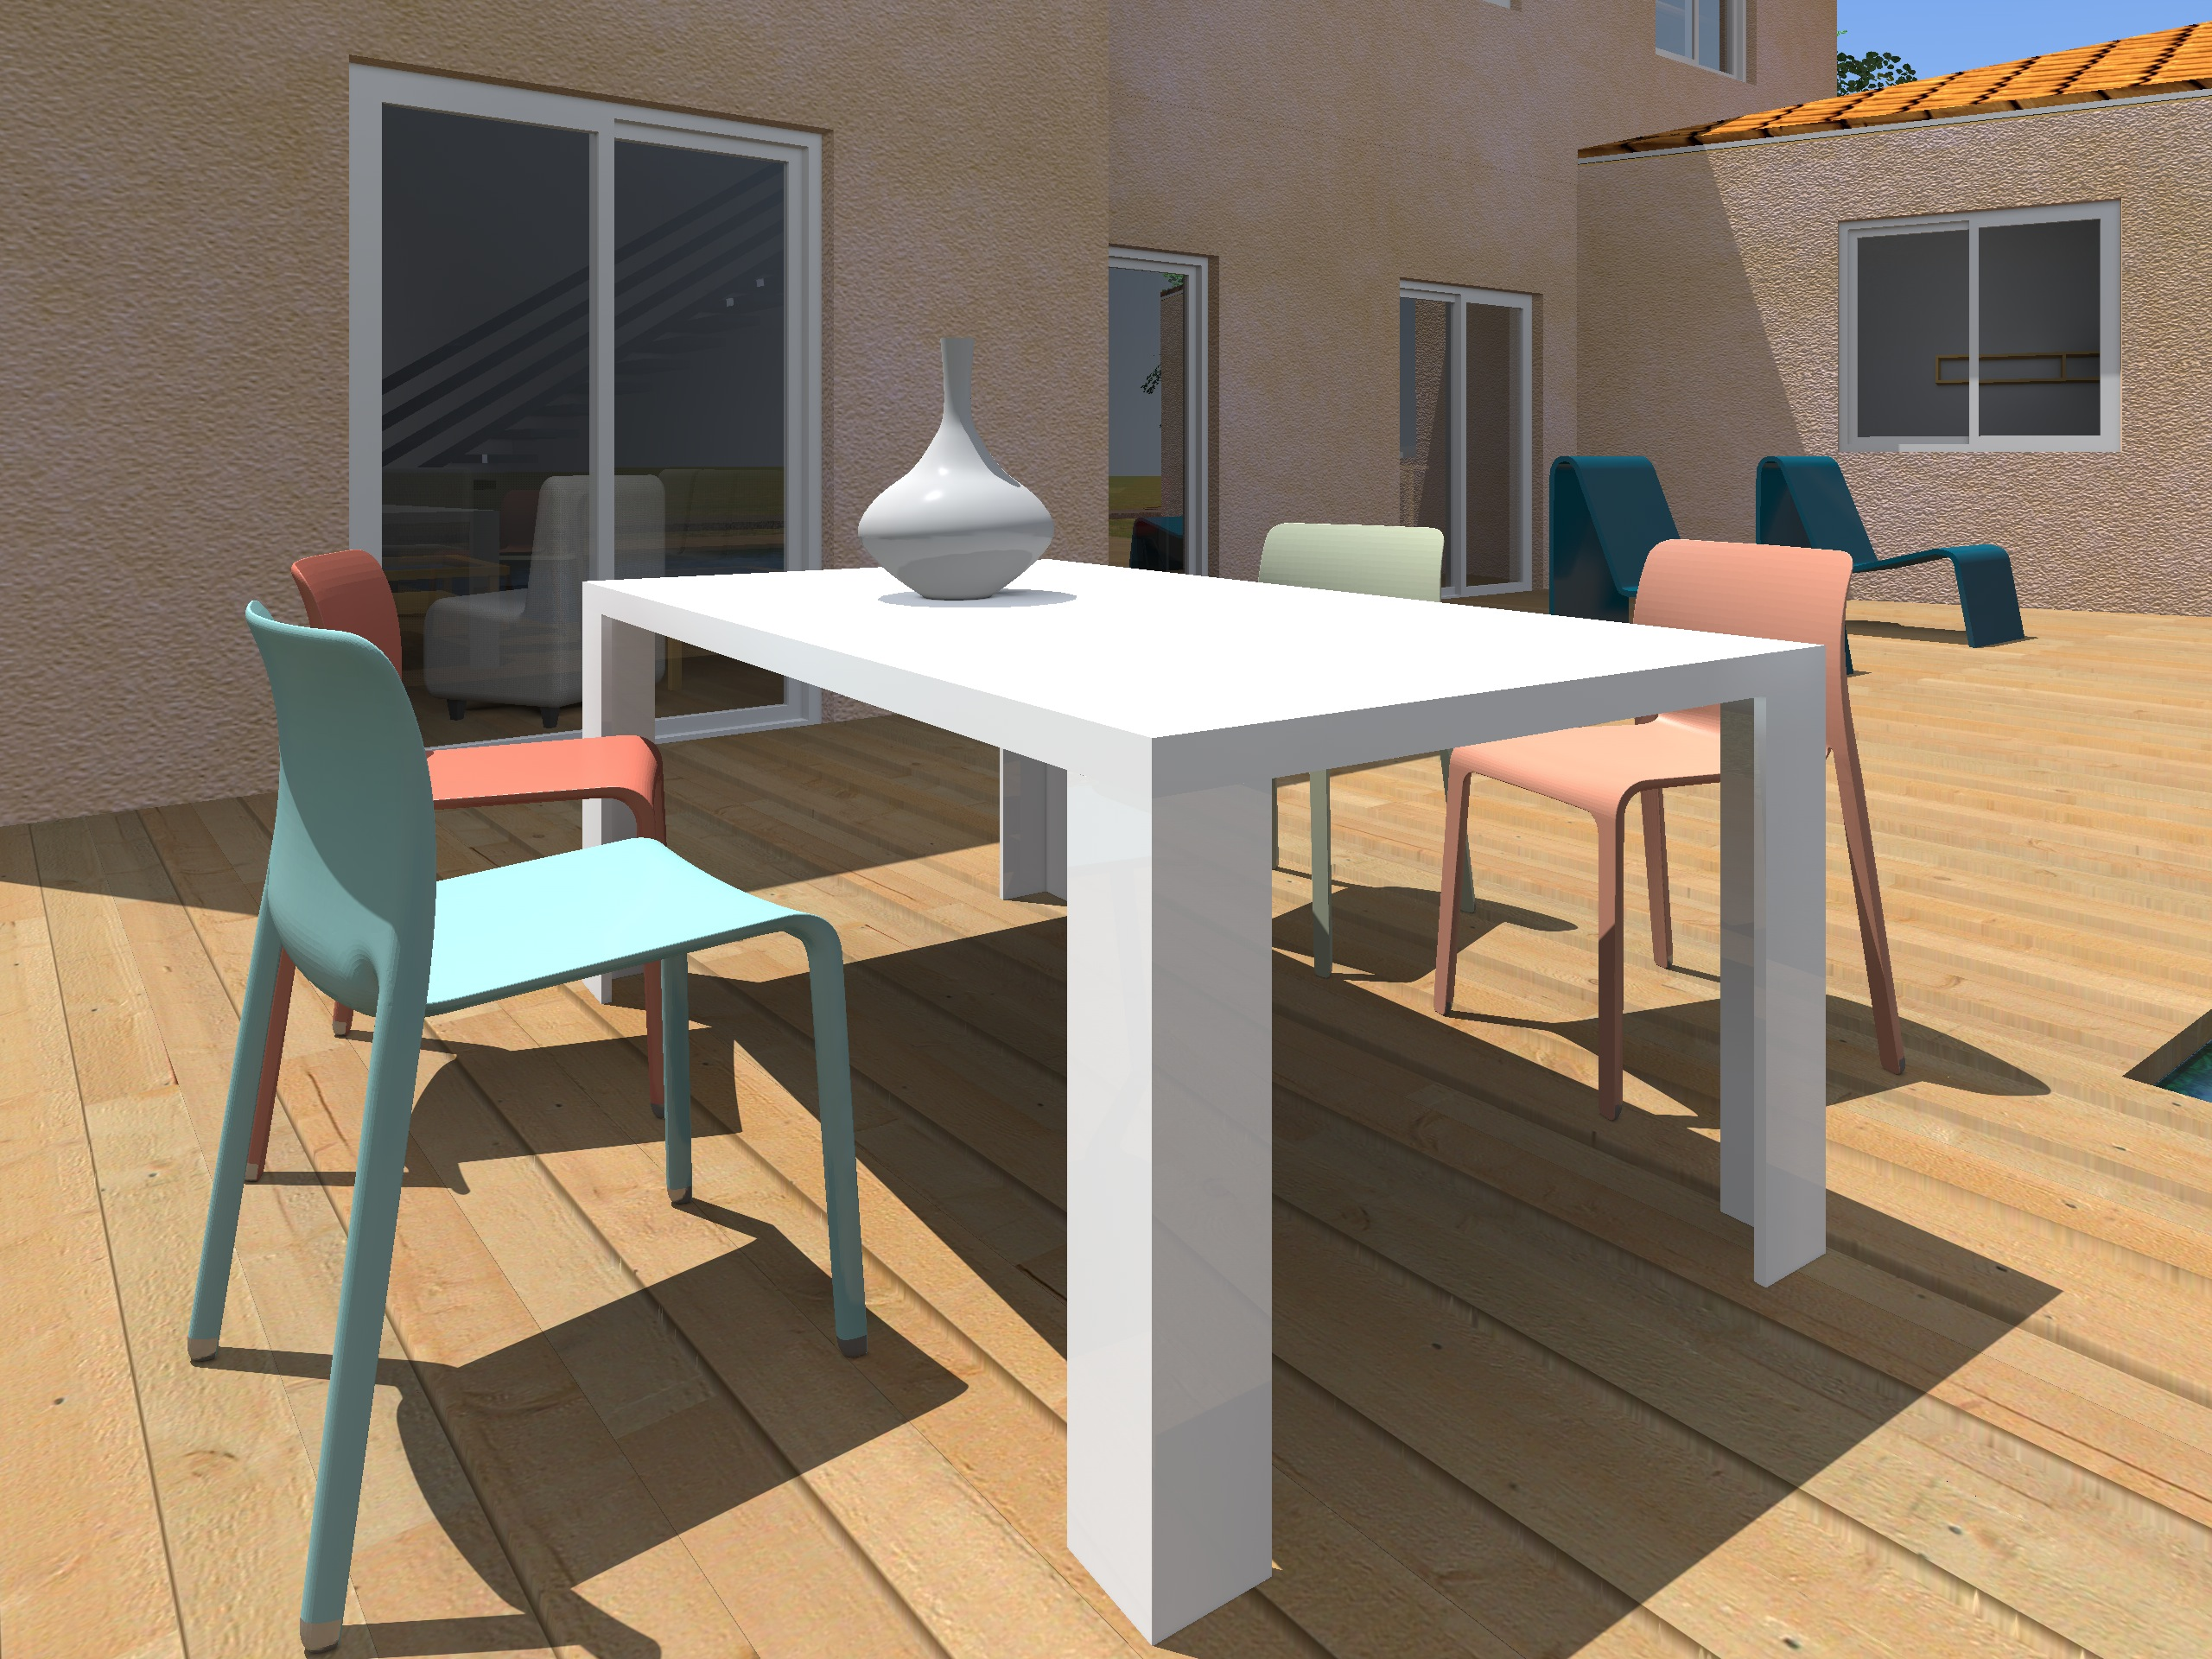 Architecture Maison Nimoise Table terrasse L'Atelier d'Elisa